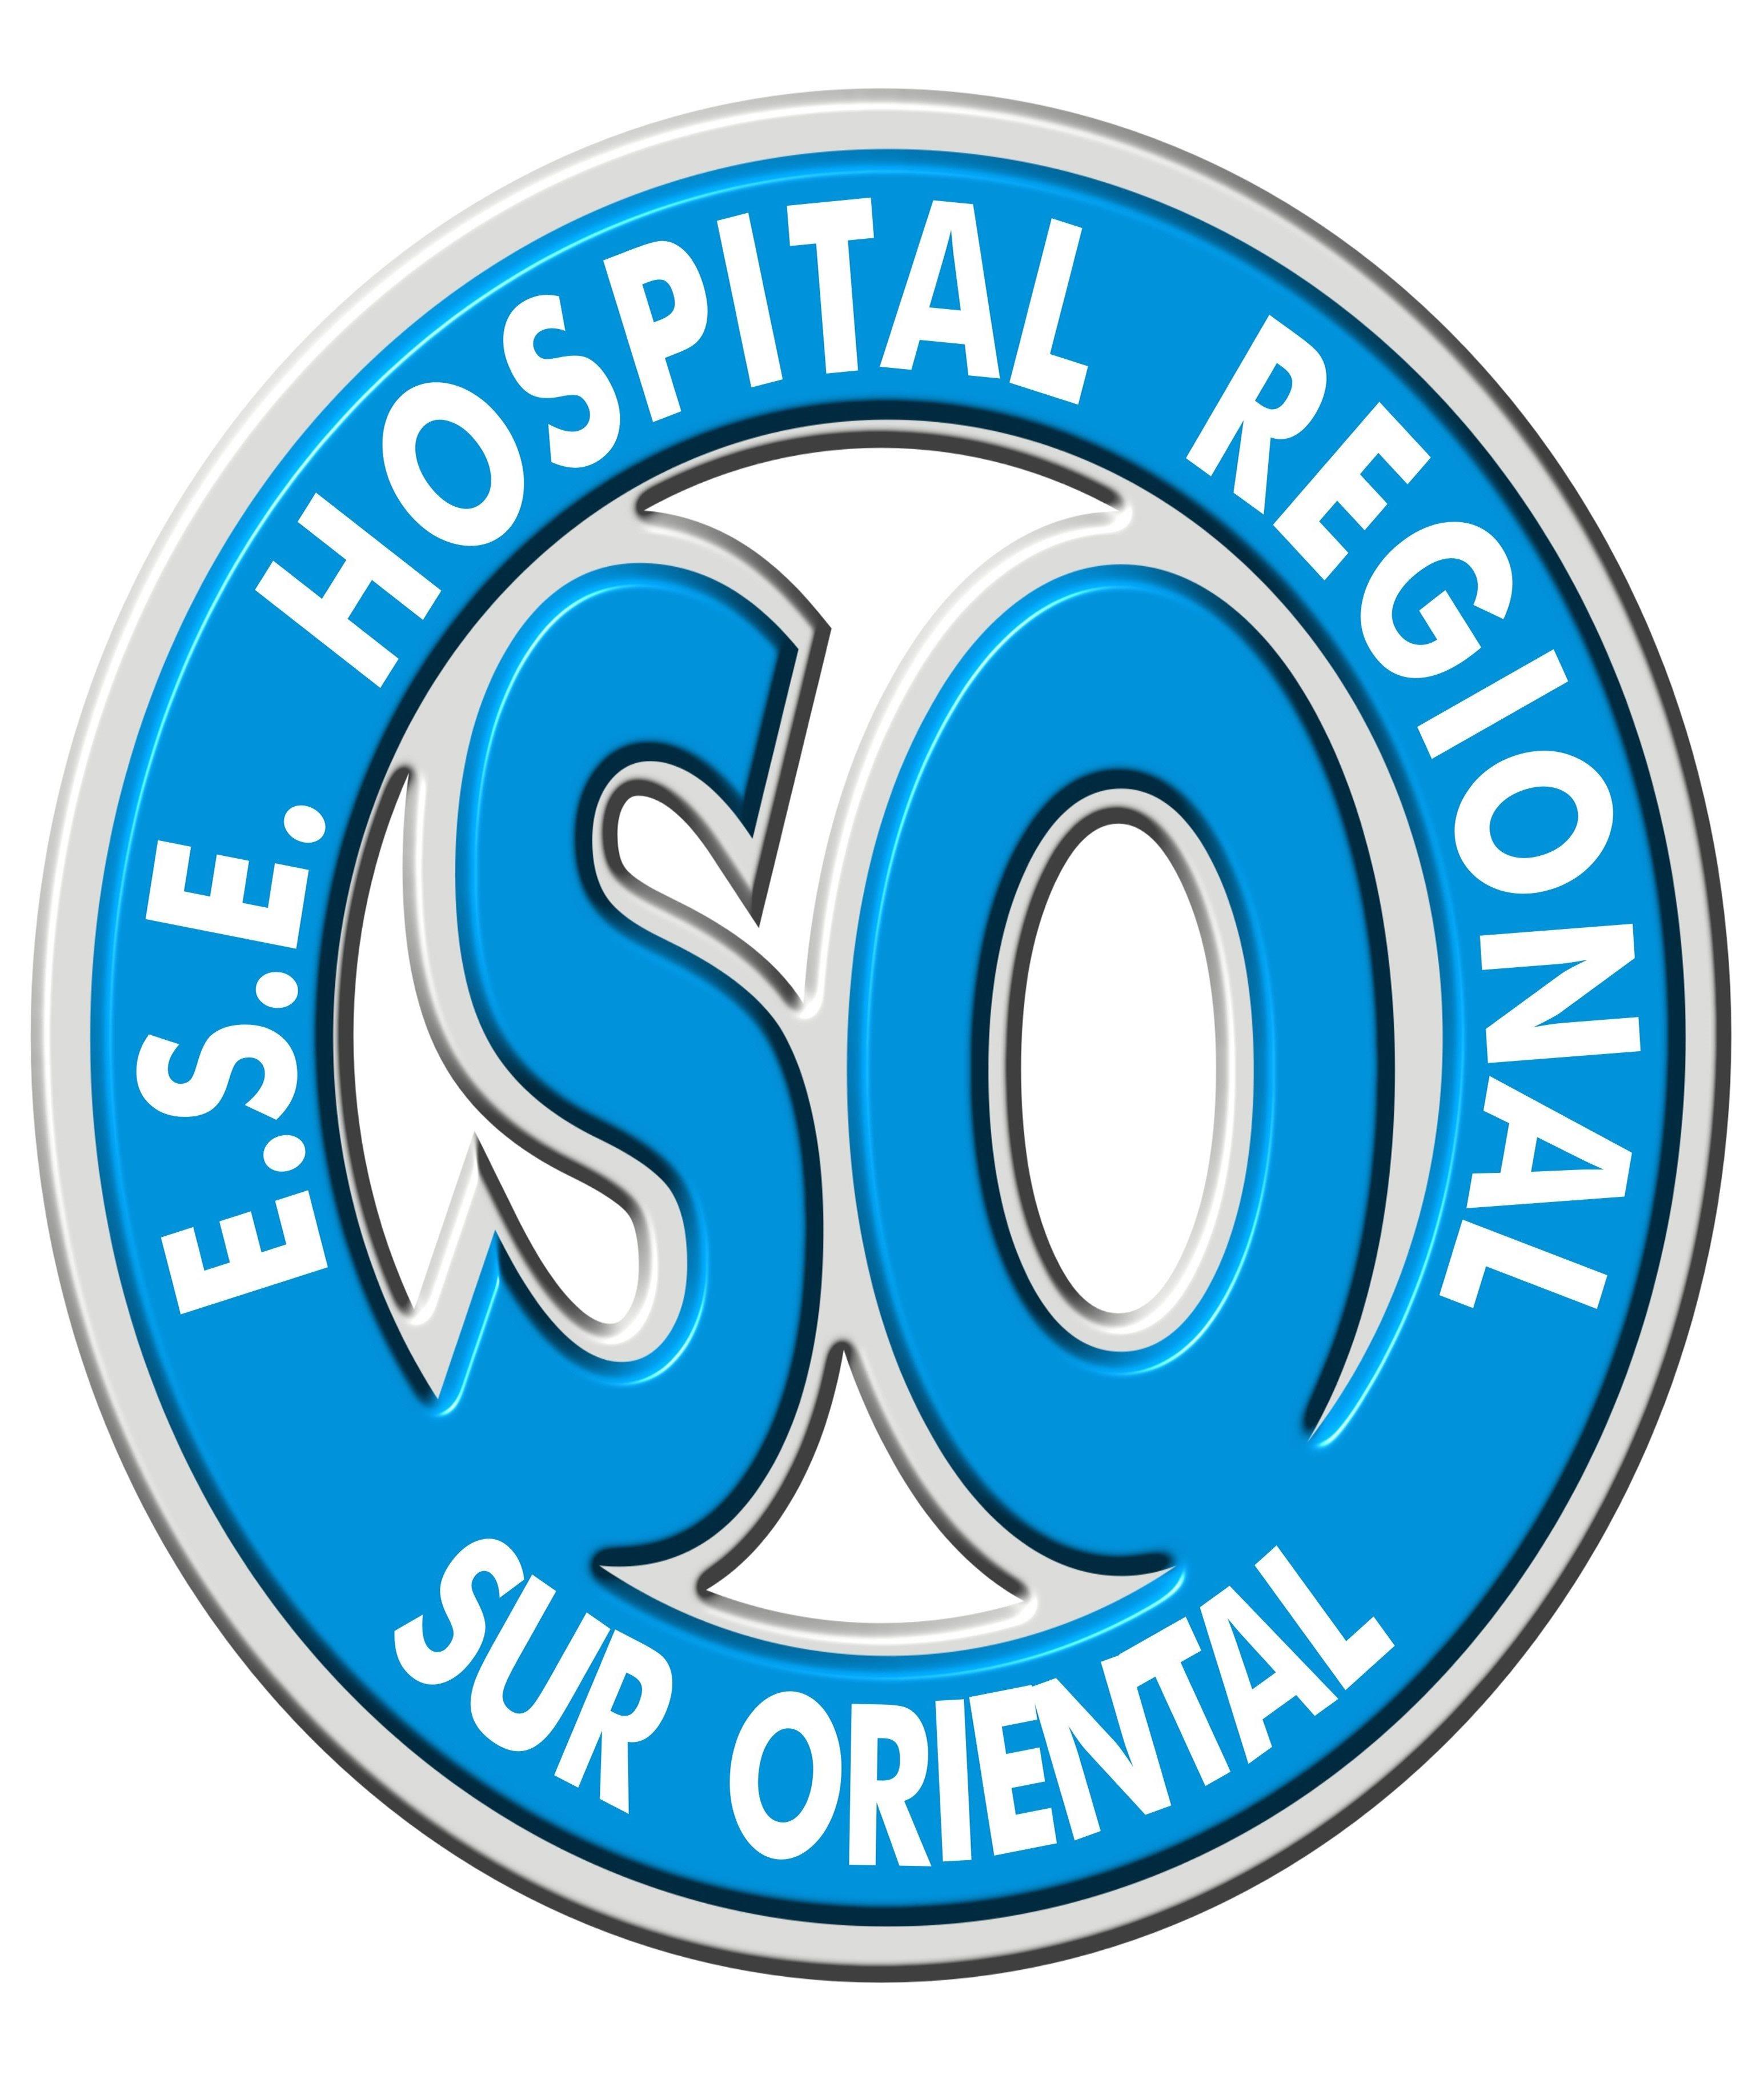 E.S.E. Hospital Regional Sur Oriental